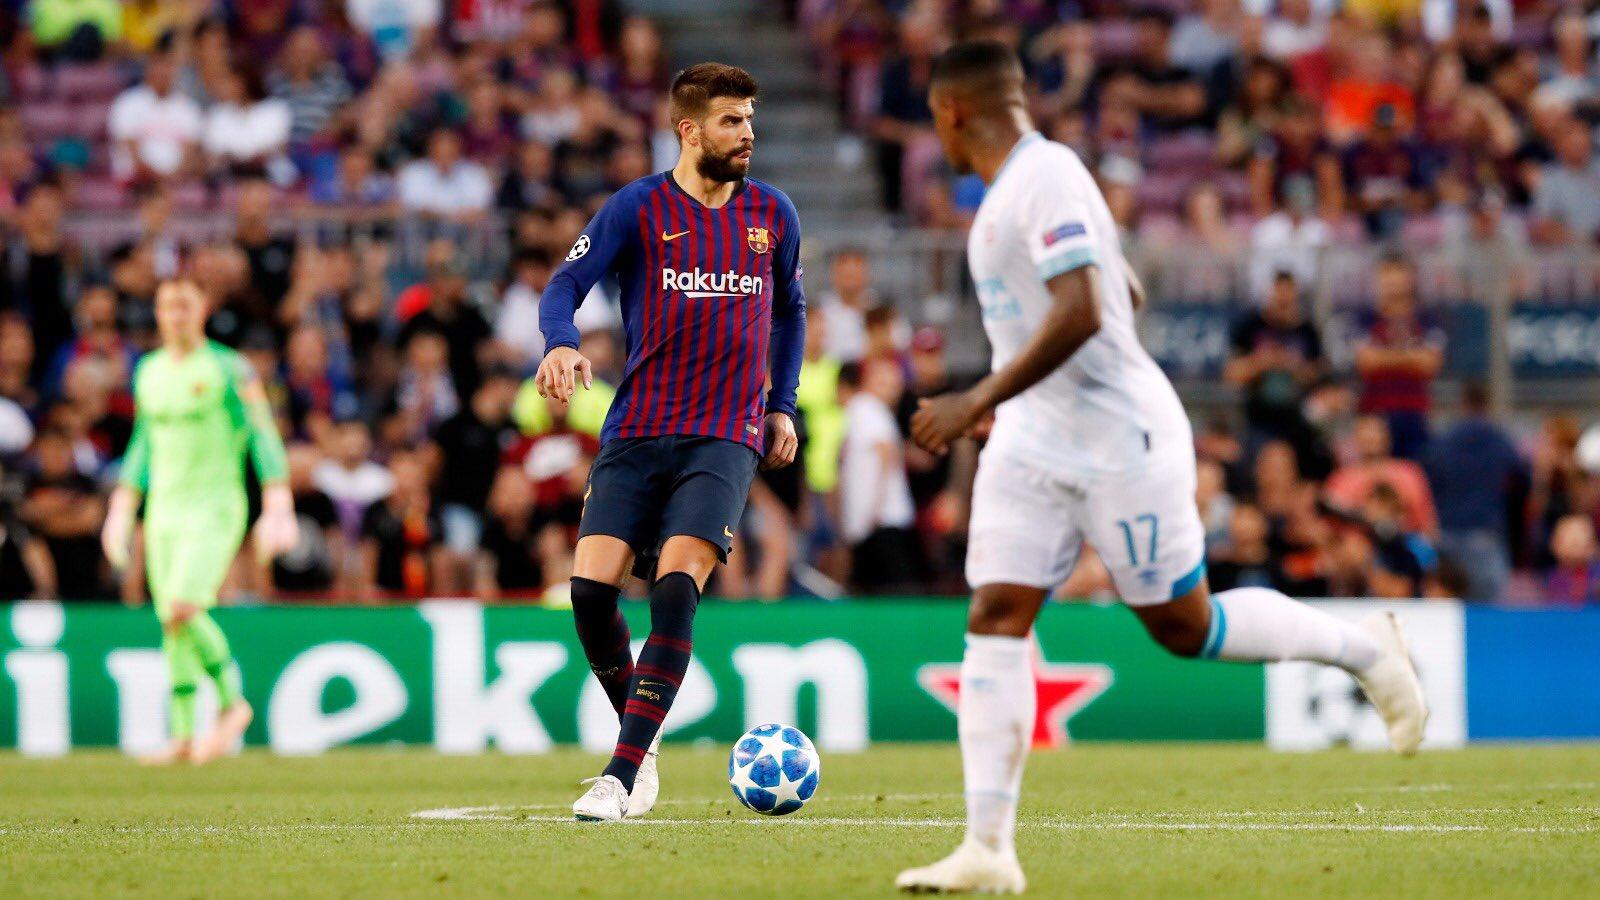 صور مباراة : برشلونة - PSV إندهوفن 4-0 ( 18-09-2018 )  DnZzbz3W0AY3-q4